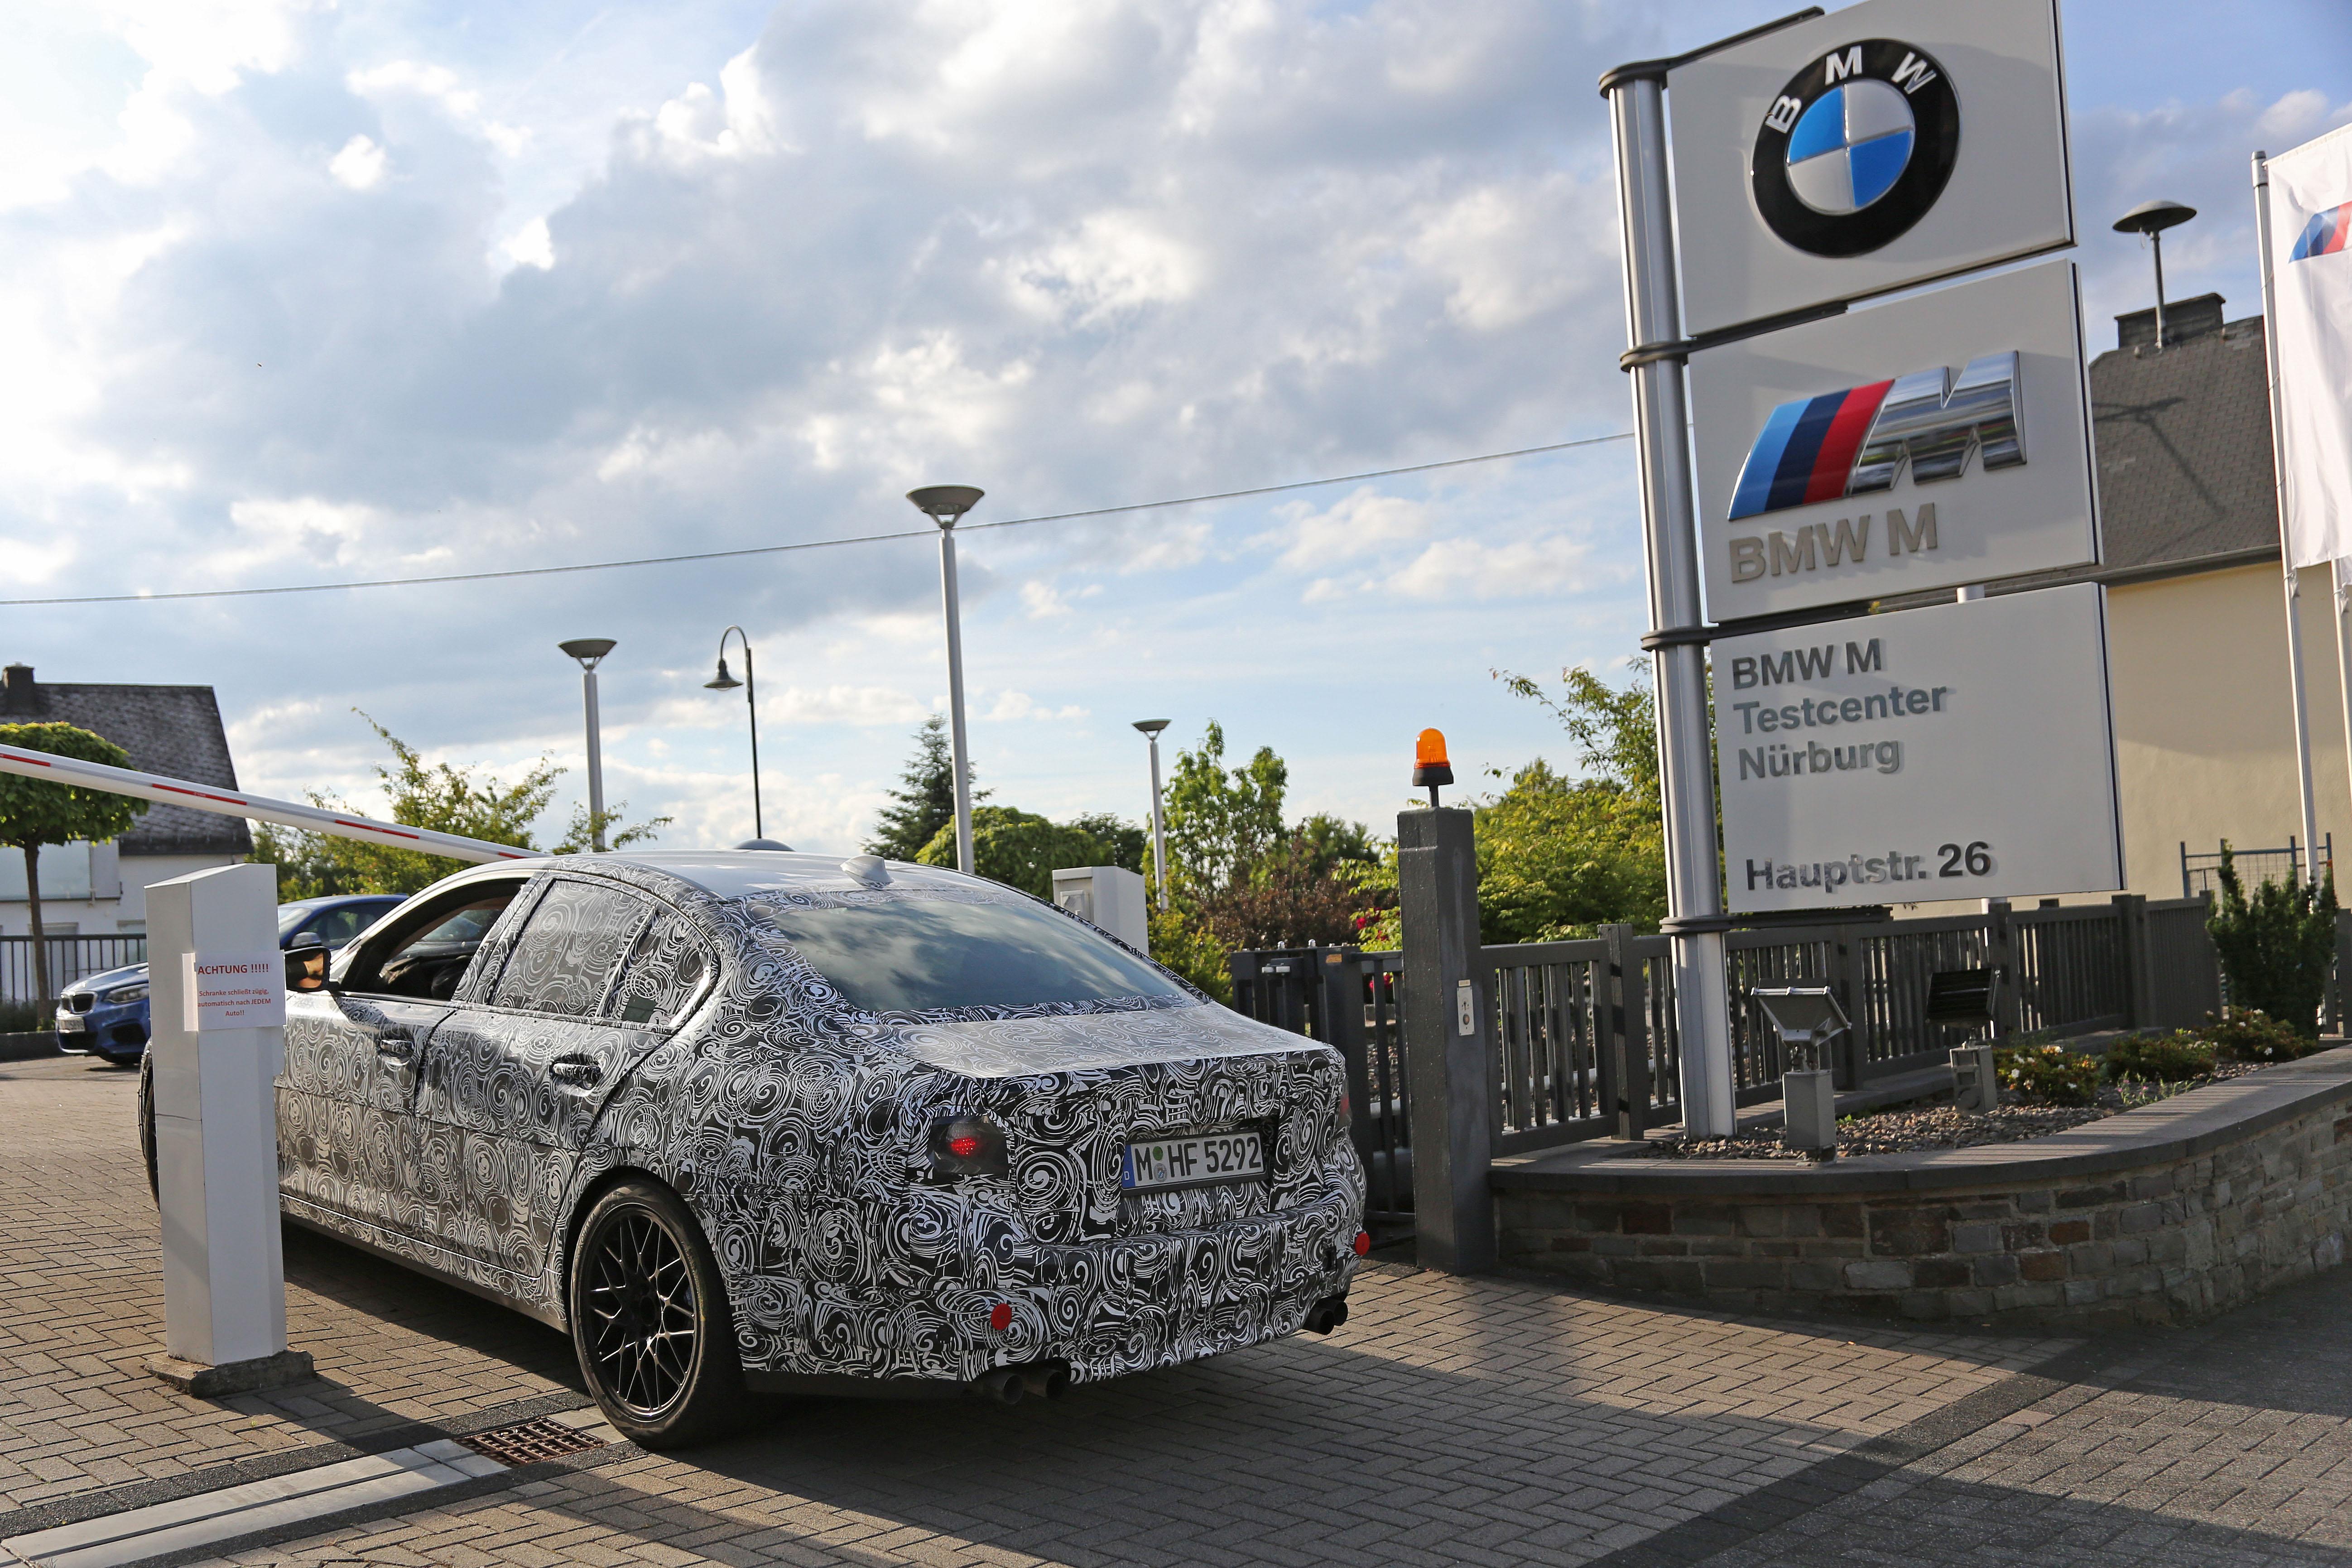 BMWM55